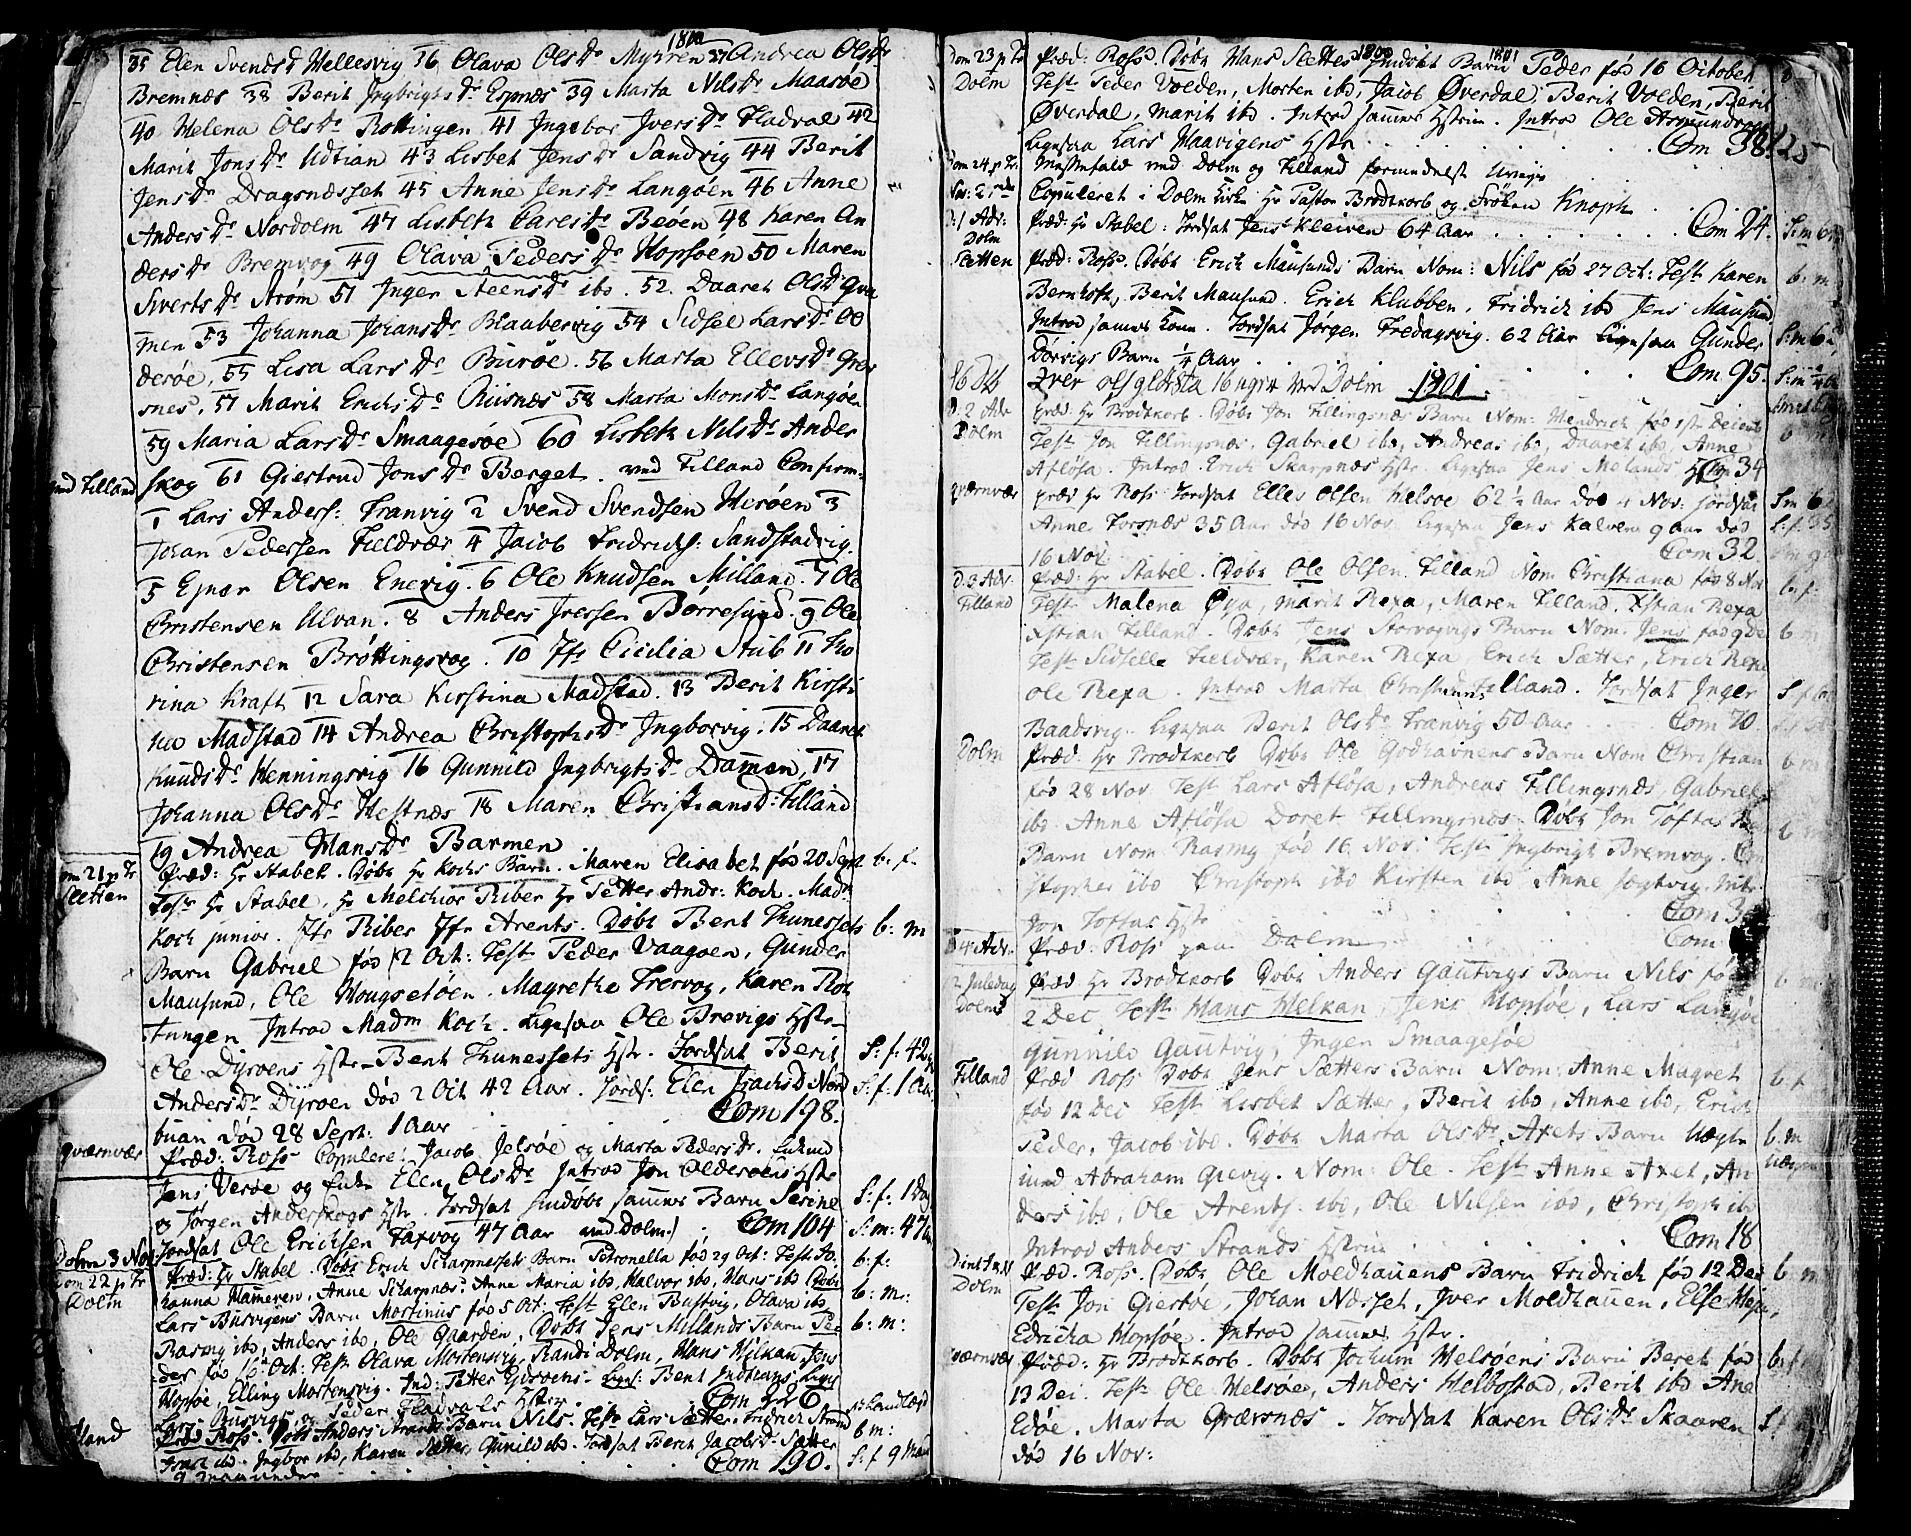 SAT, Ministerialprotokoller, klokkerbøker og fødselsregistre - Sør-Trøndelag, 634/L0526: Ministerialbok nr. 634A02, 1775-1818, s. 125